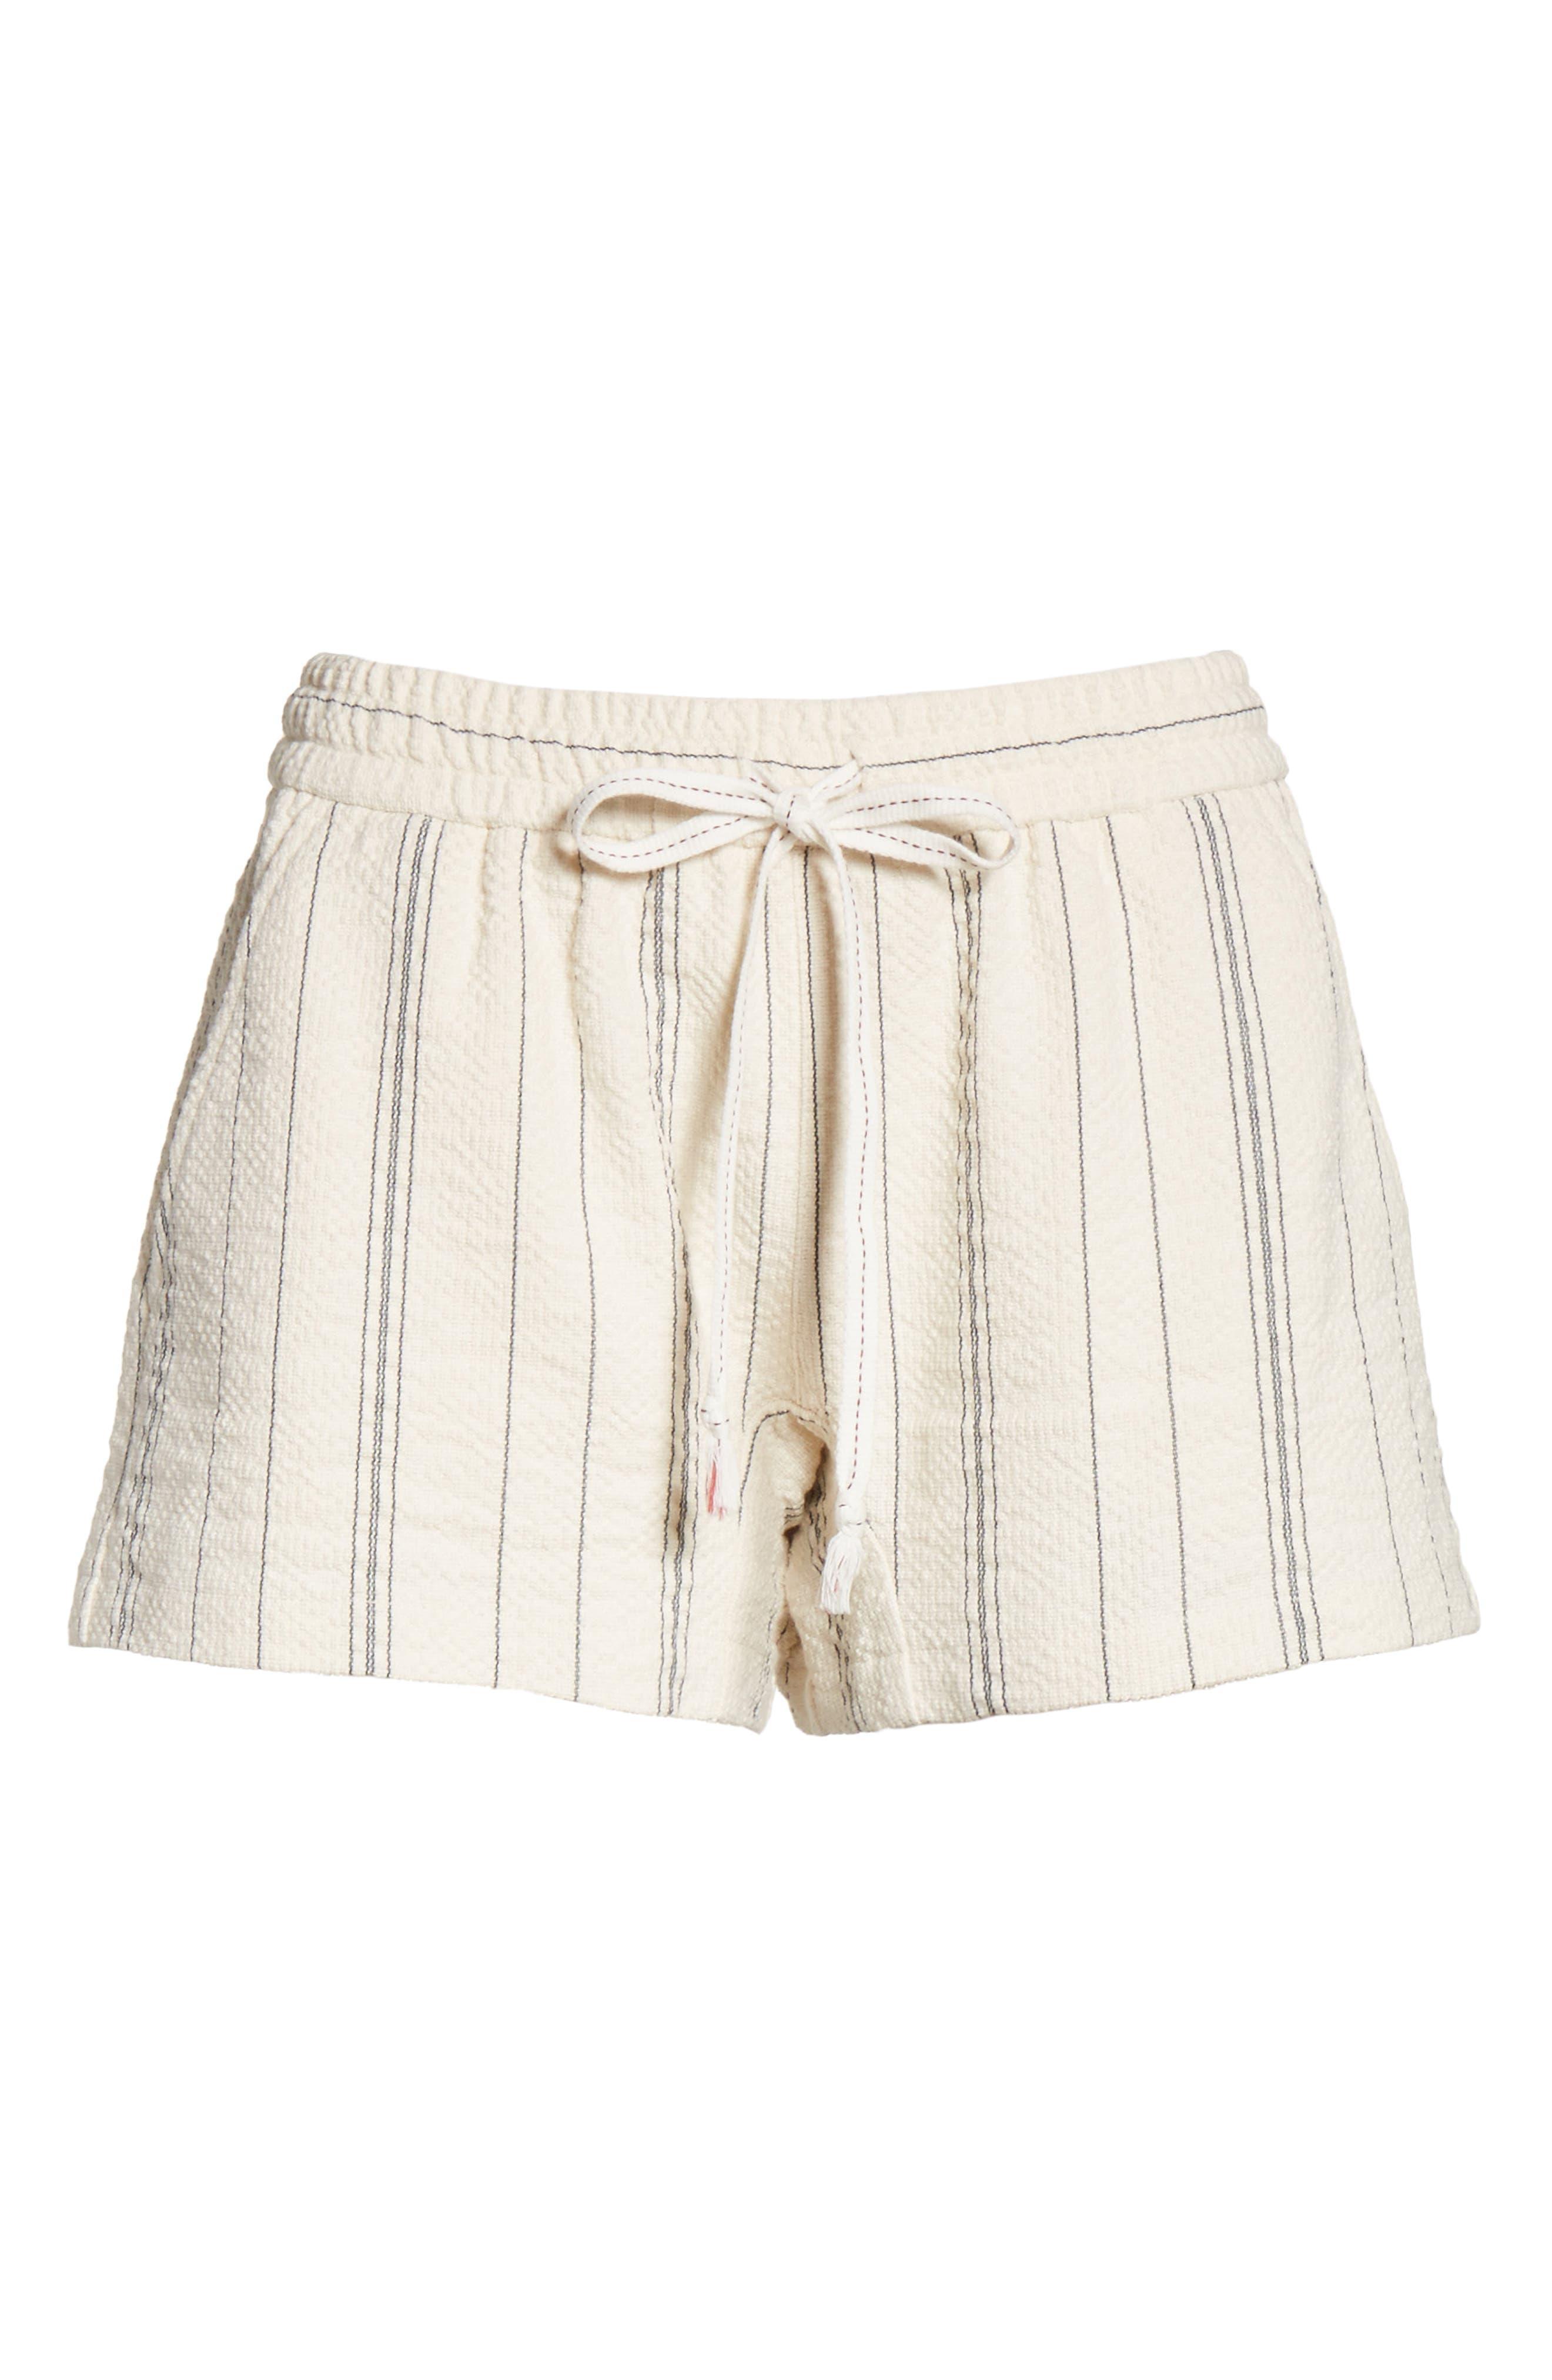 Stripe Shorts,                             Alternate thumbnail 7, color,                             White/ Black